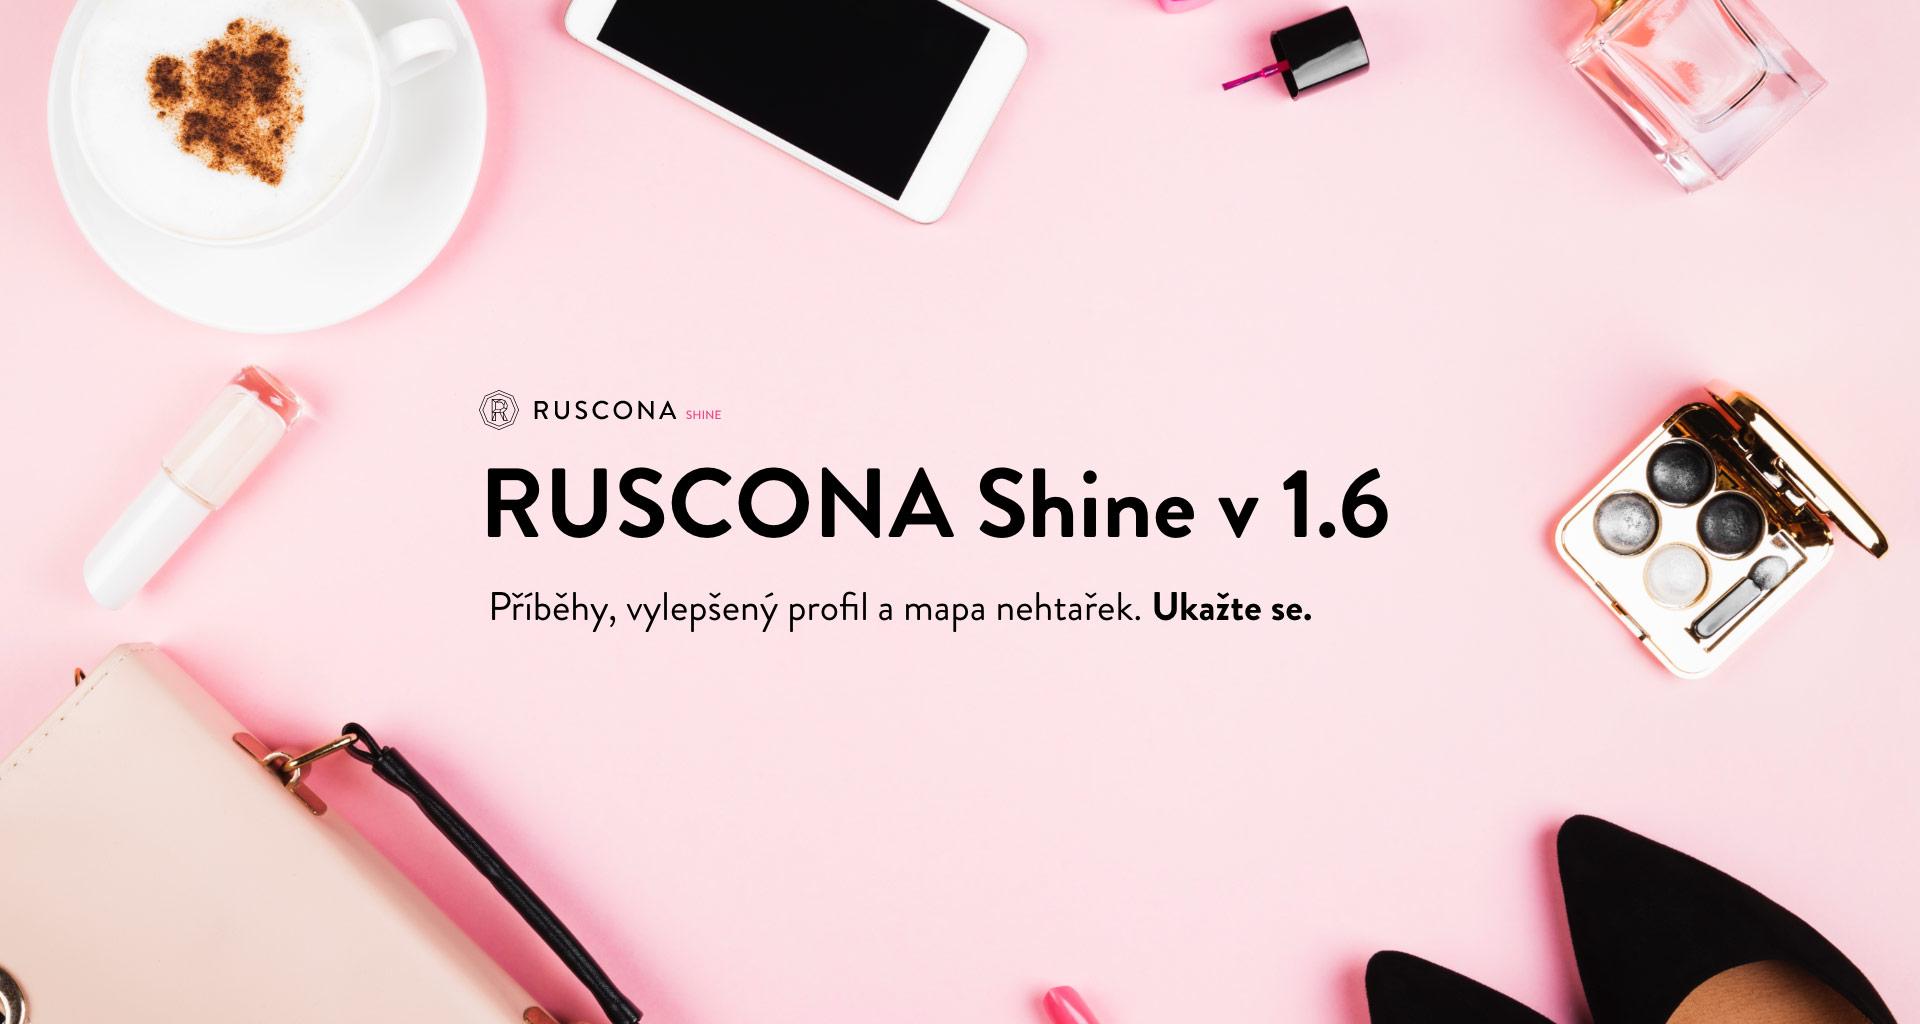 RUSCONA Shine 1.6: Příběhy, mapa nehtařek a vylepšený profil